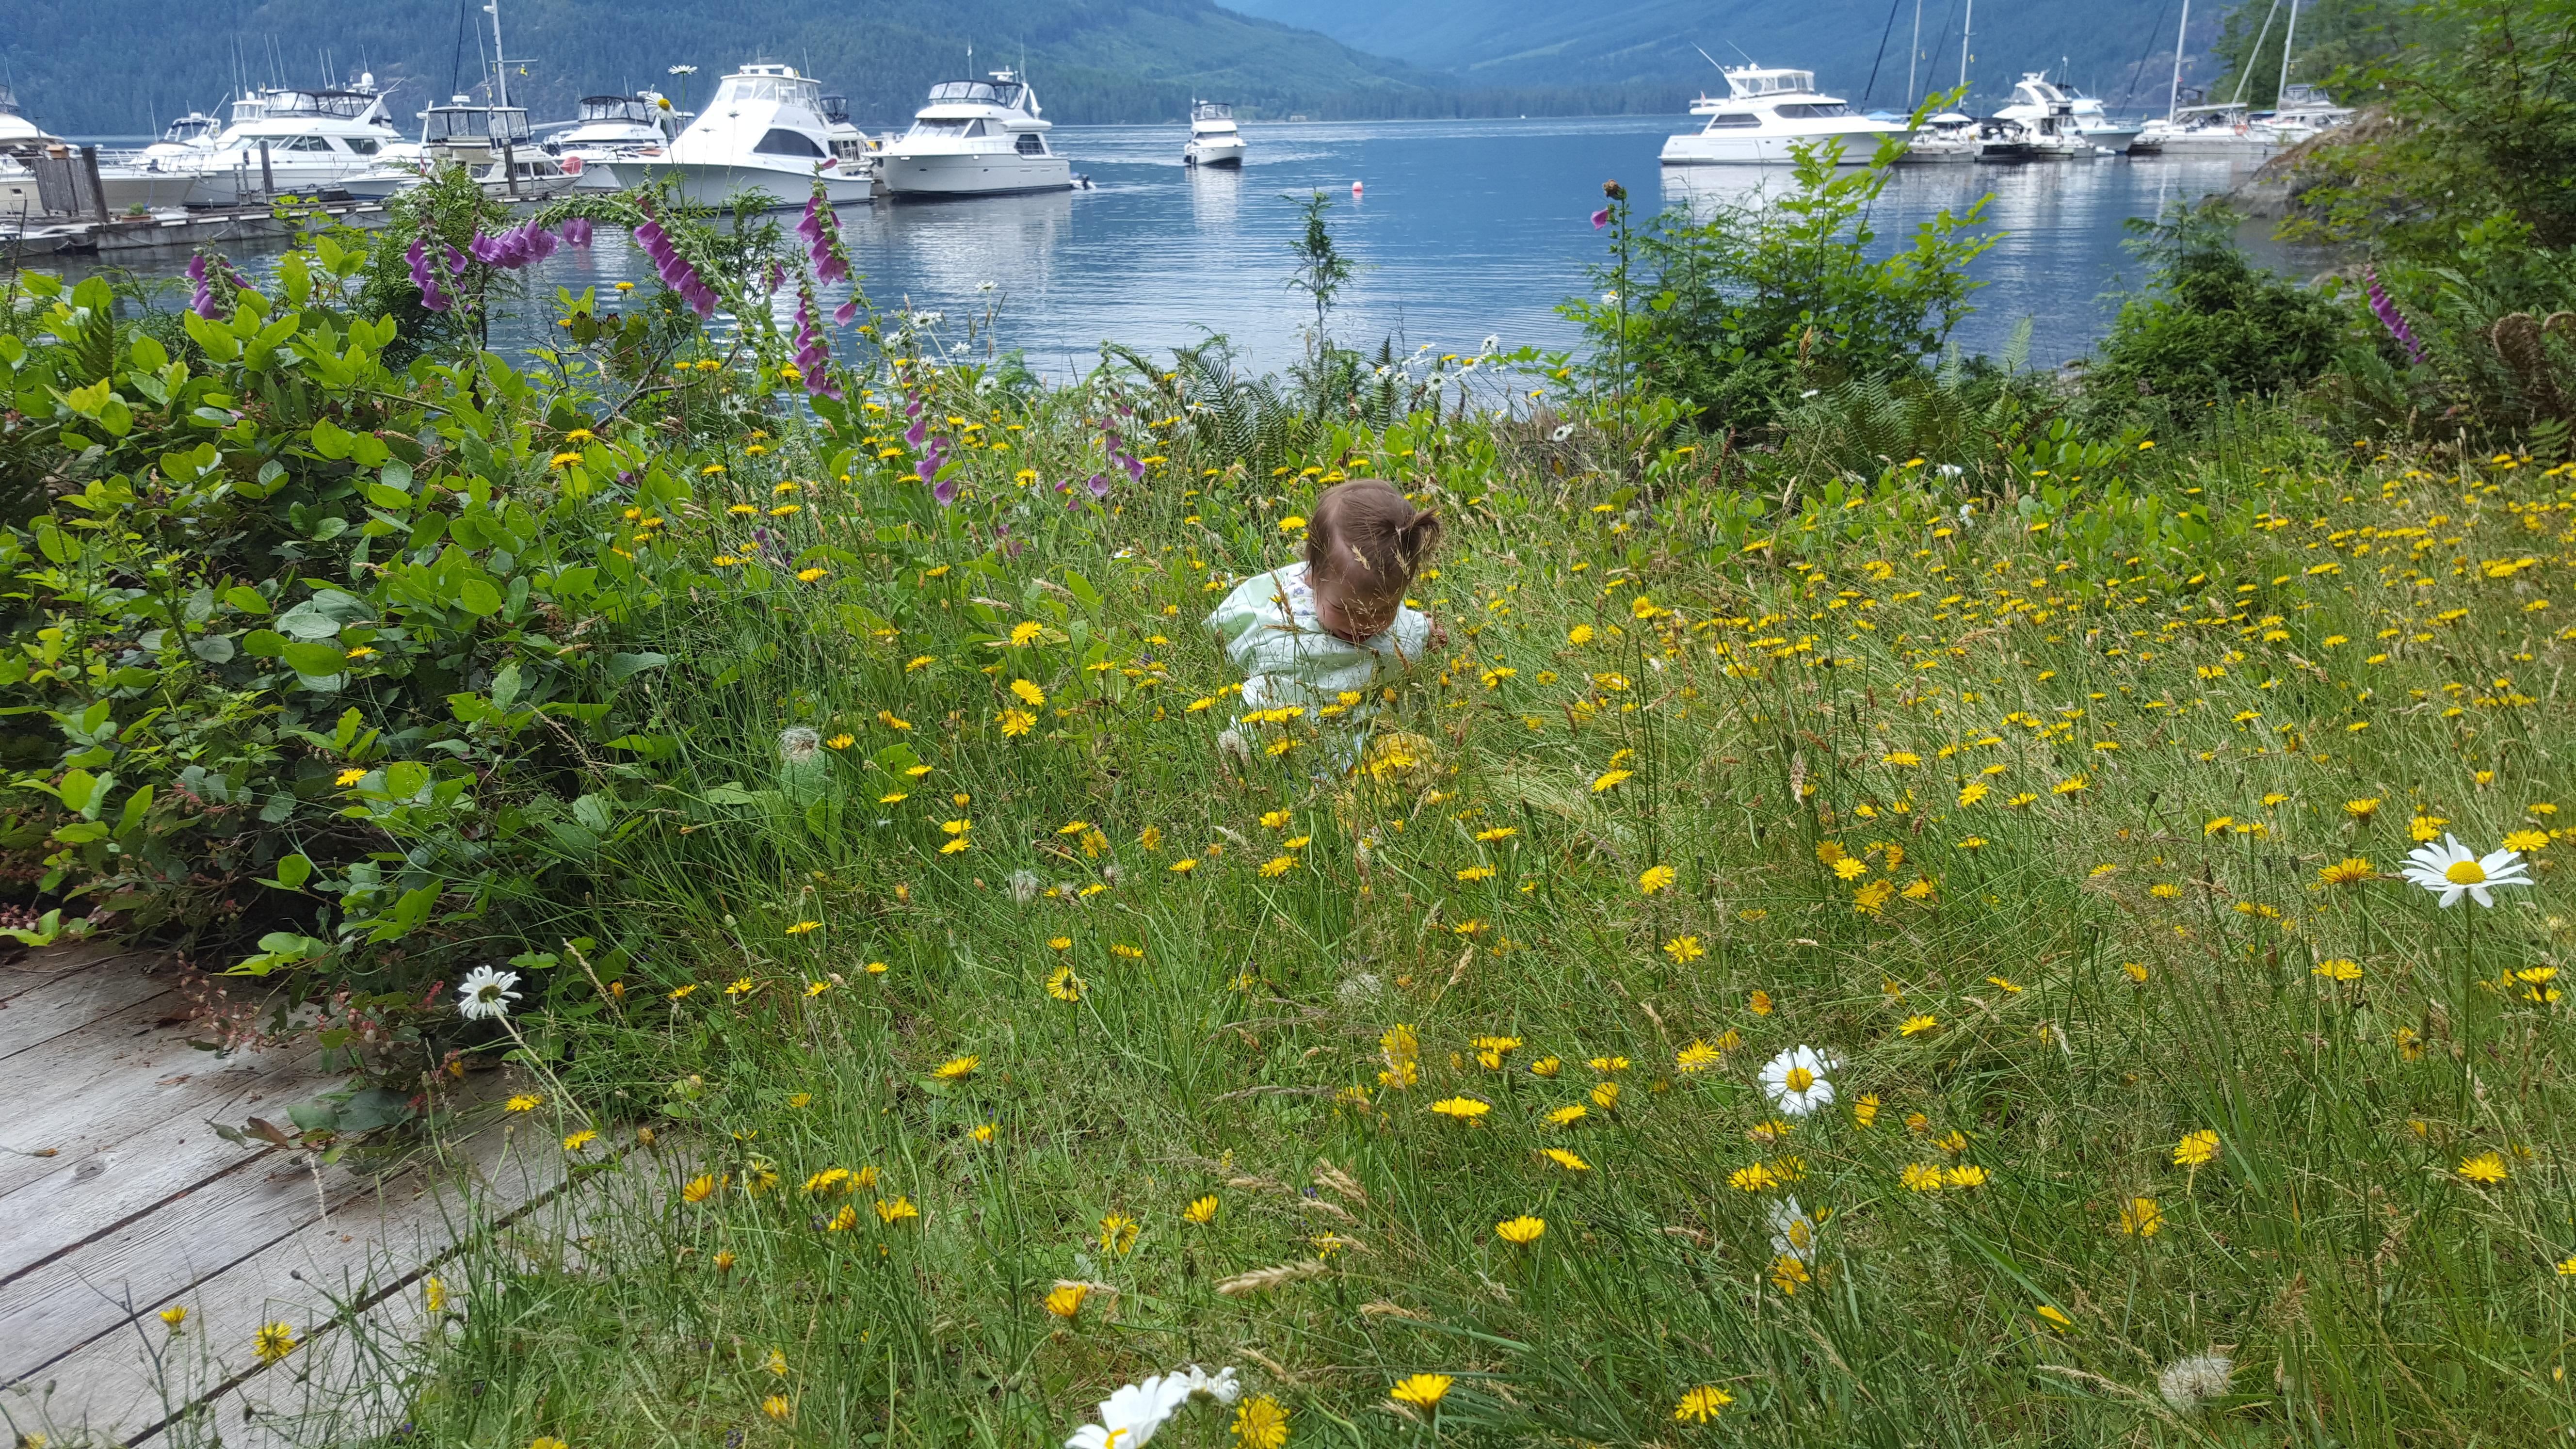 Exploring th daisies at Ekins